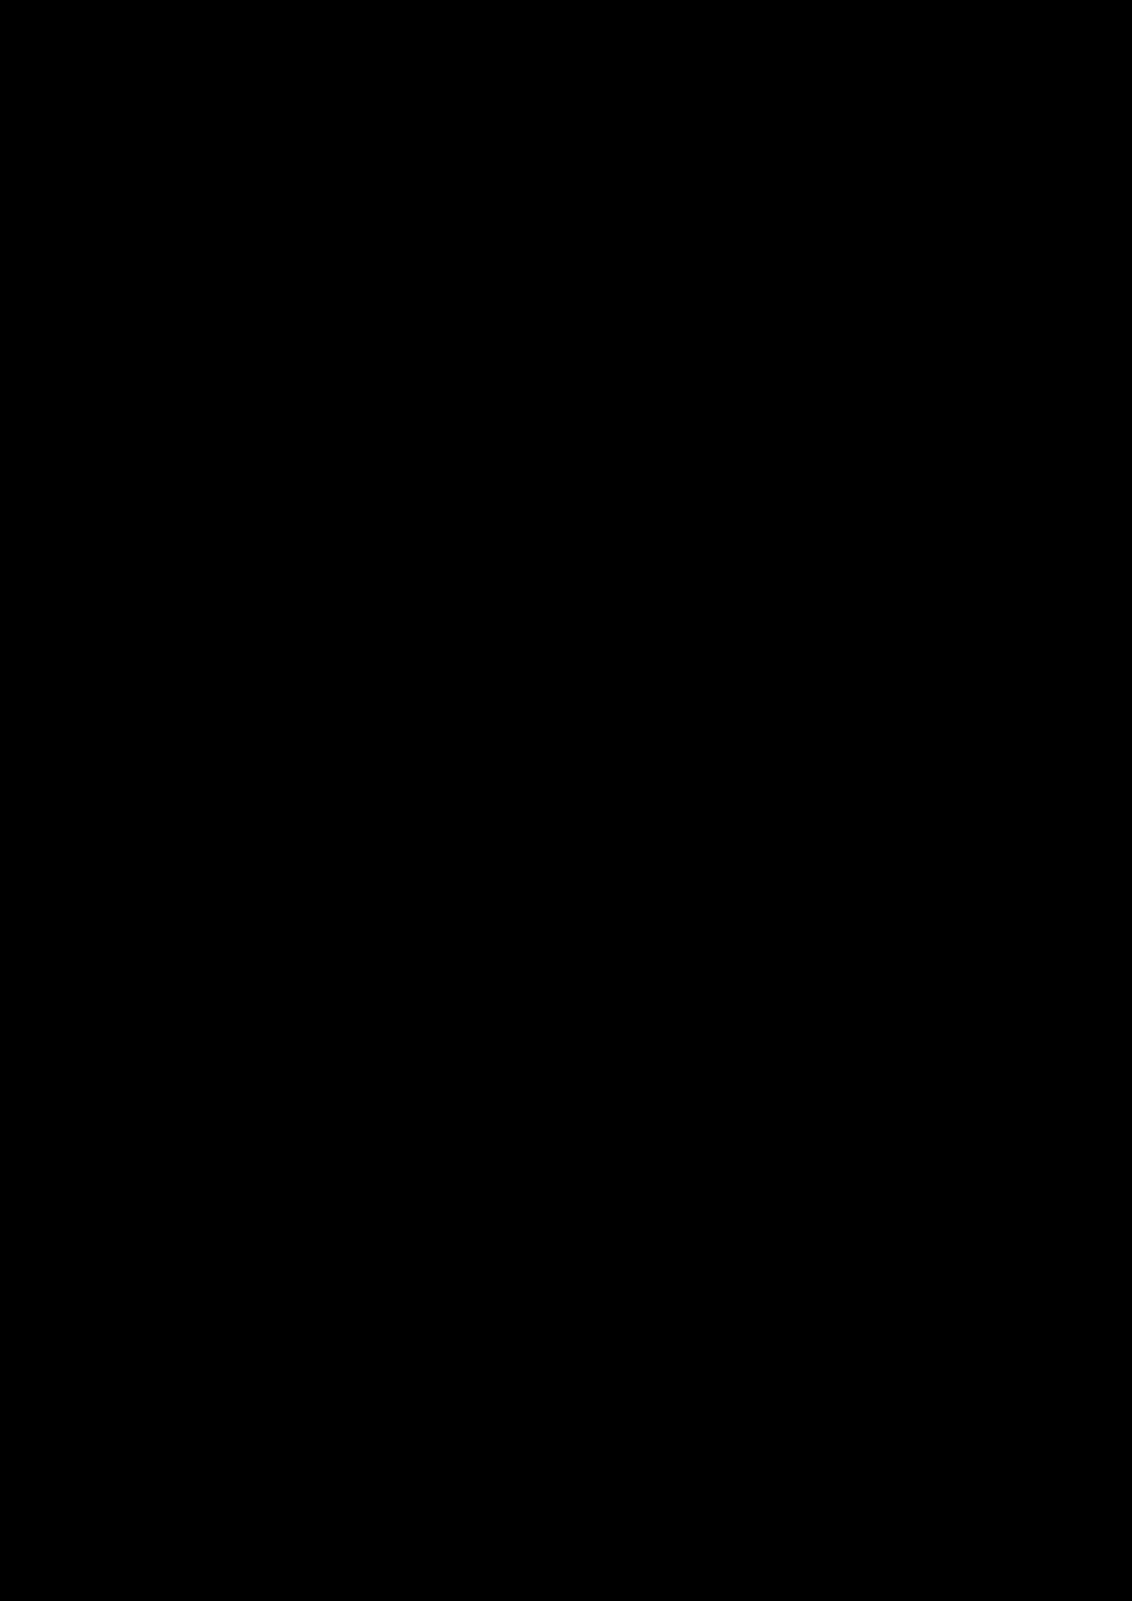 Prolog slide, Image 14